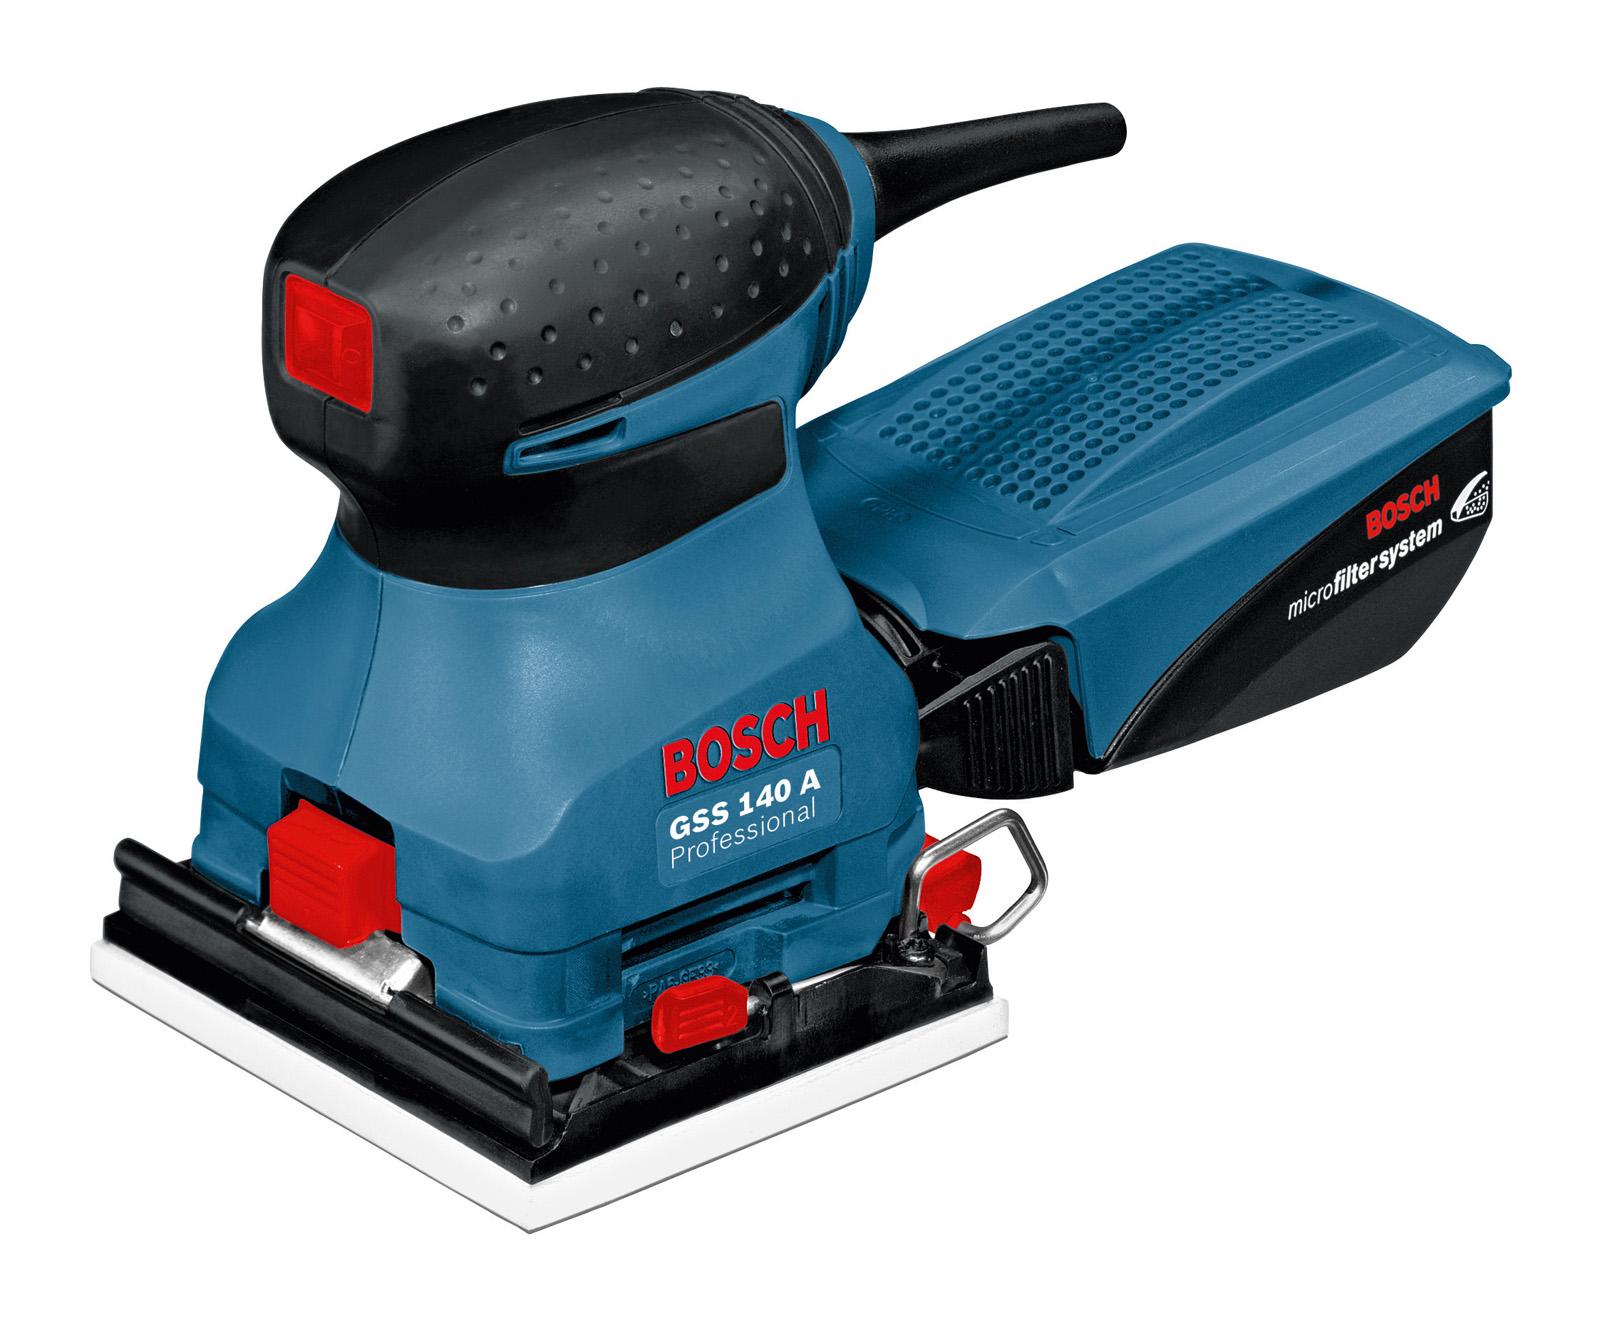 Машинка шлифовальная плоская (вибрационная) Bosch Gss 140 a